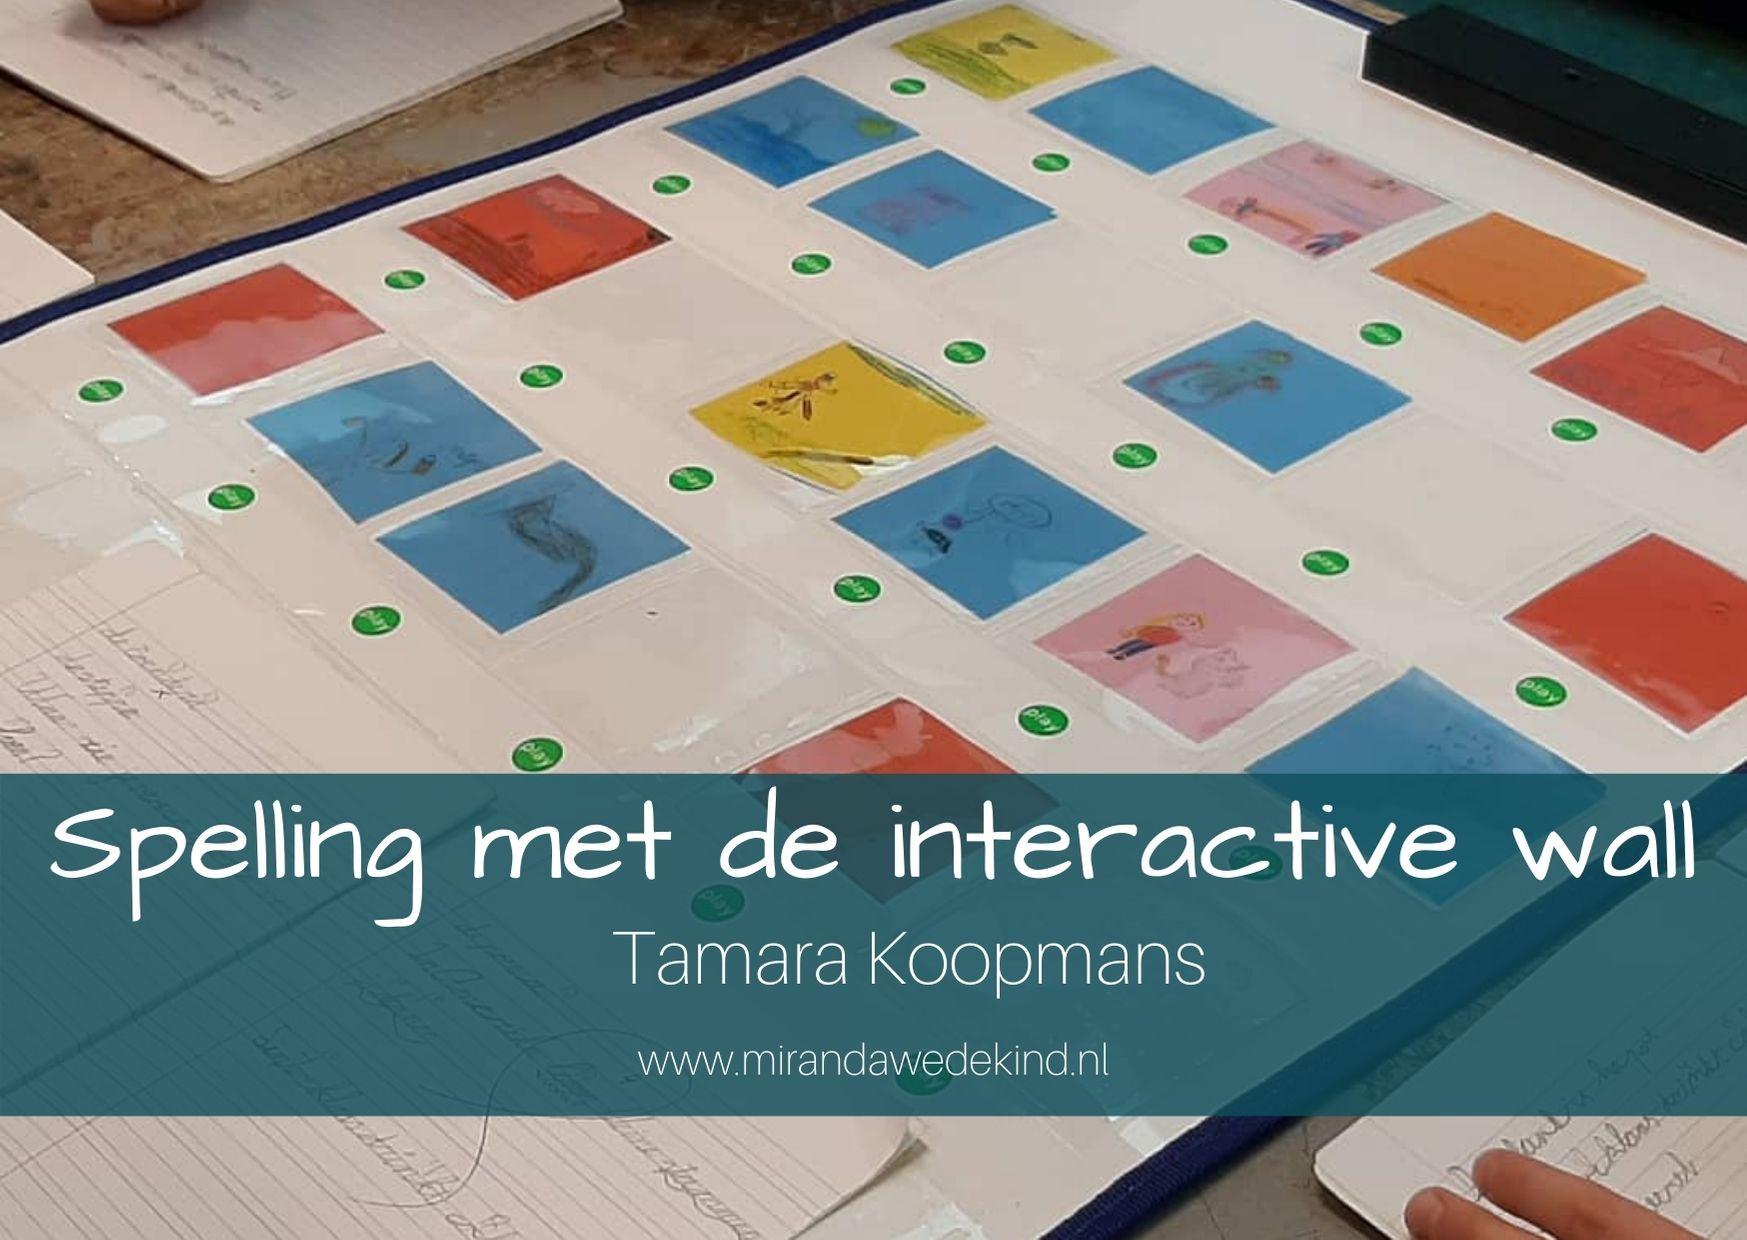 Spelling met de interactive wall